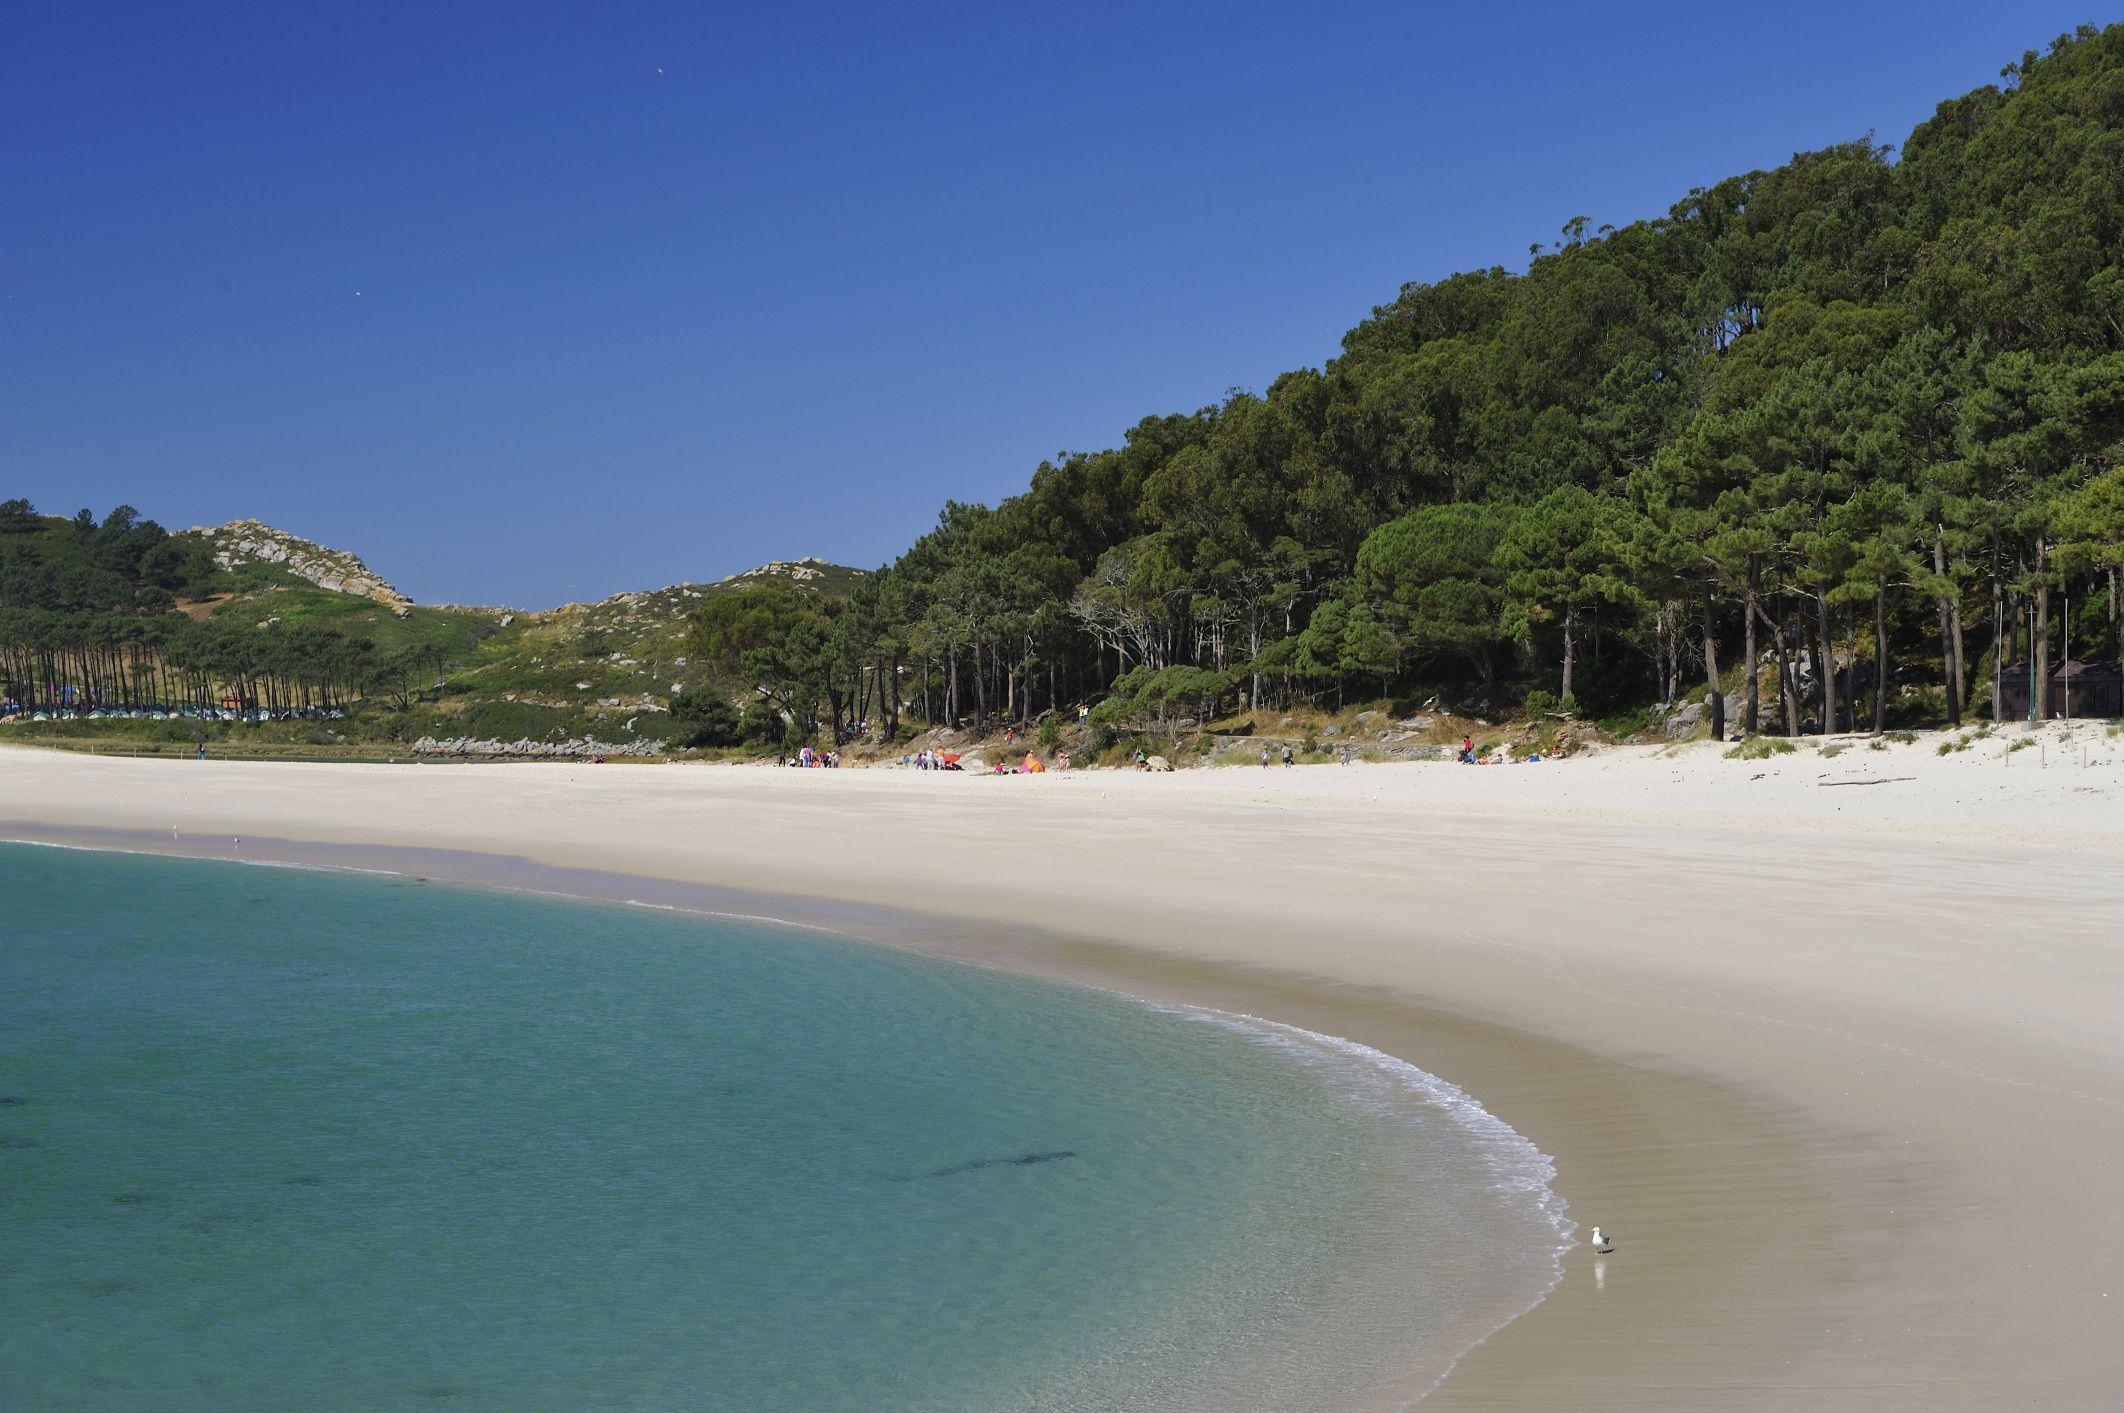 playa de rodas islas cies (pontevedra)